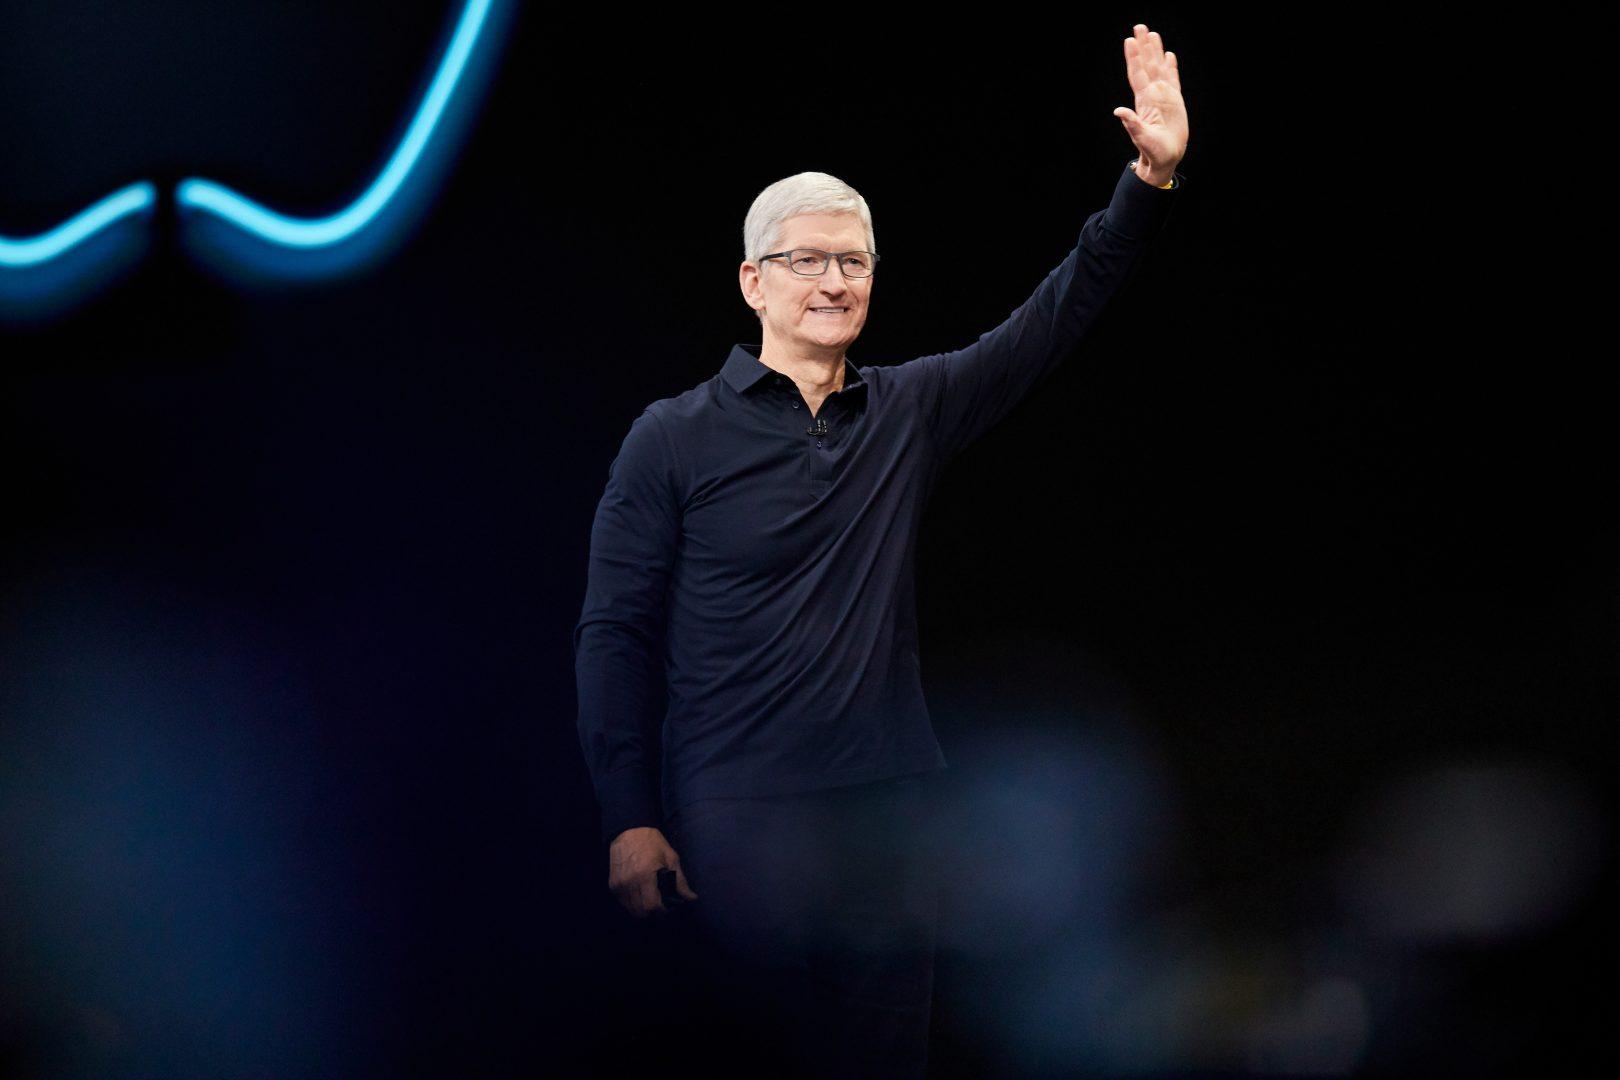 Apple Нови операционни системи и скъп хардуер от Apple за WWDC 2019 А1 Блог